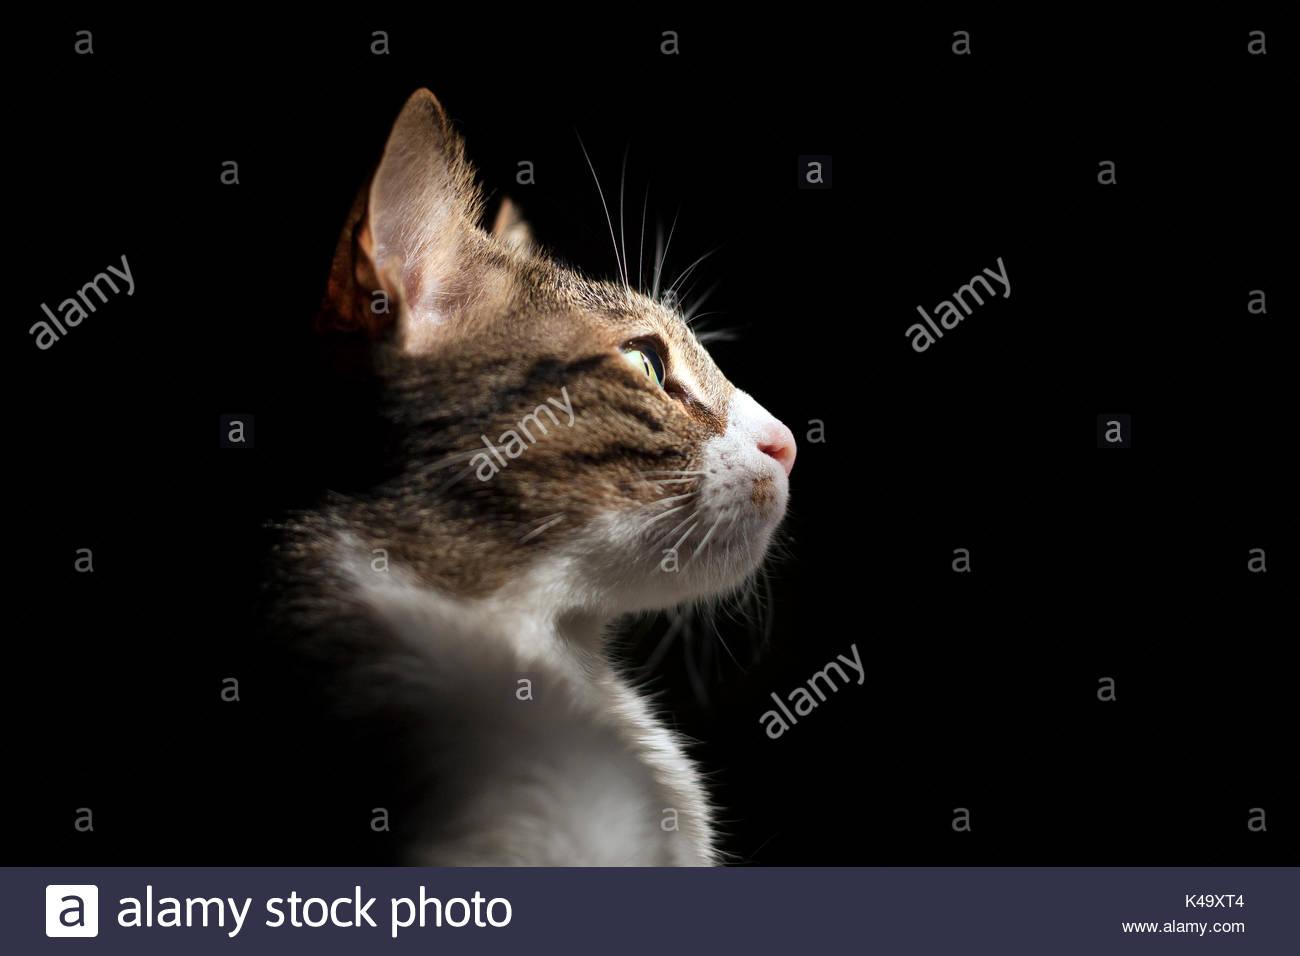 Retrato de perfil de un gato sobre fondo negro Imagen De Stock